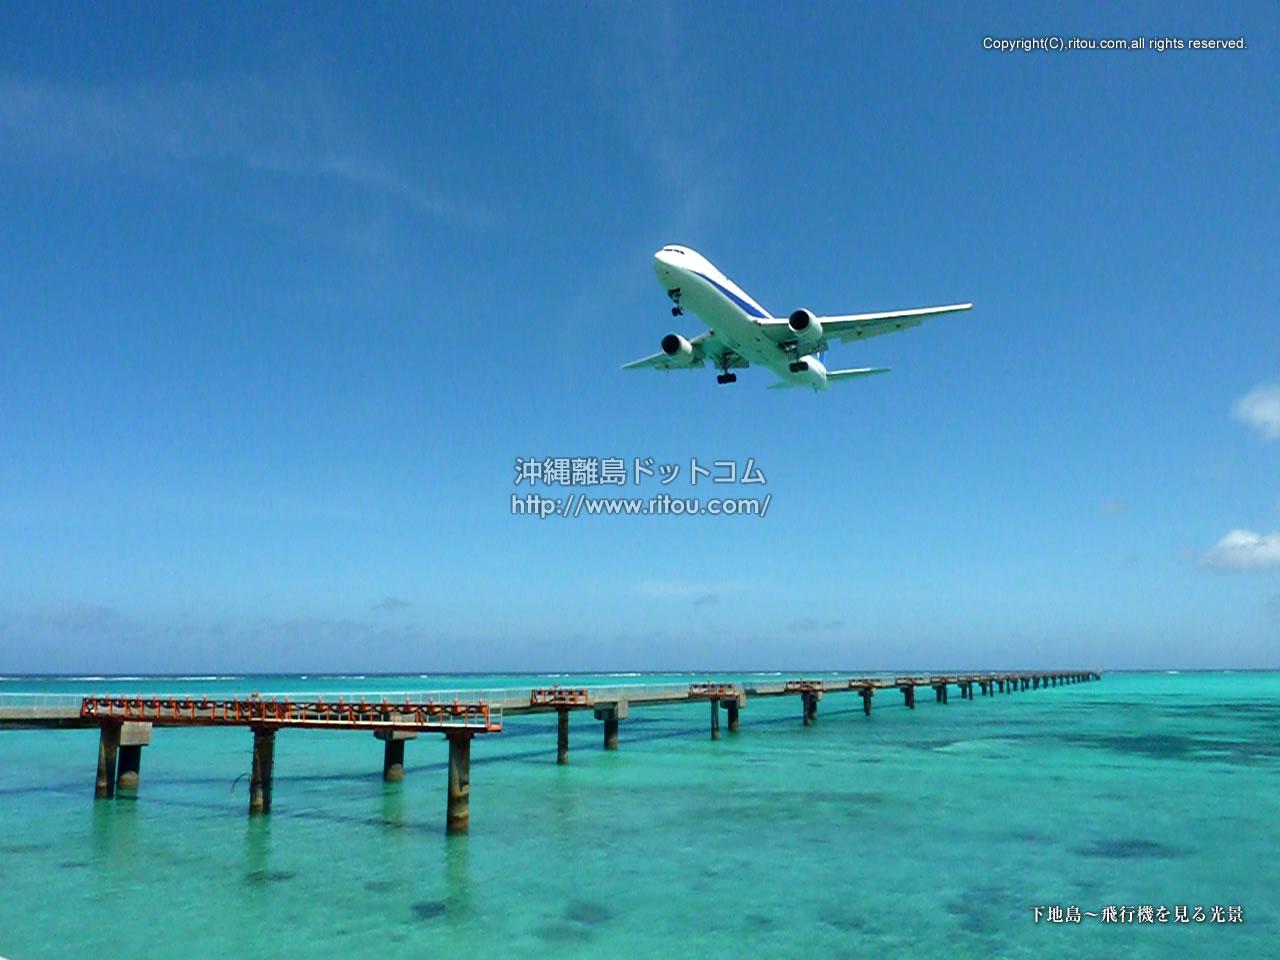 下地島〜飛行機を見る光景